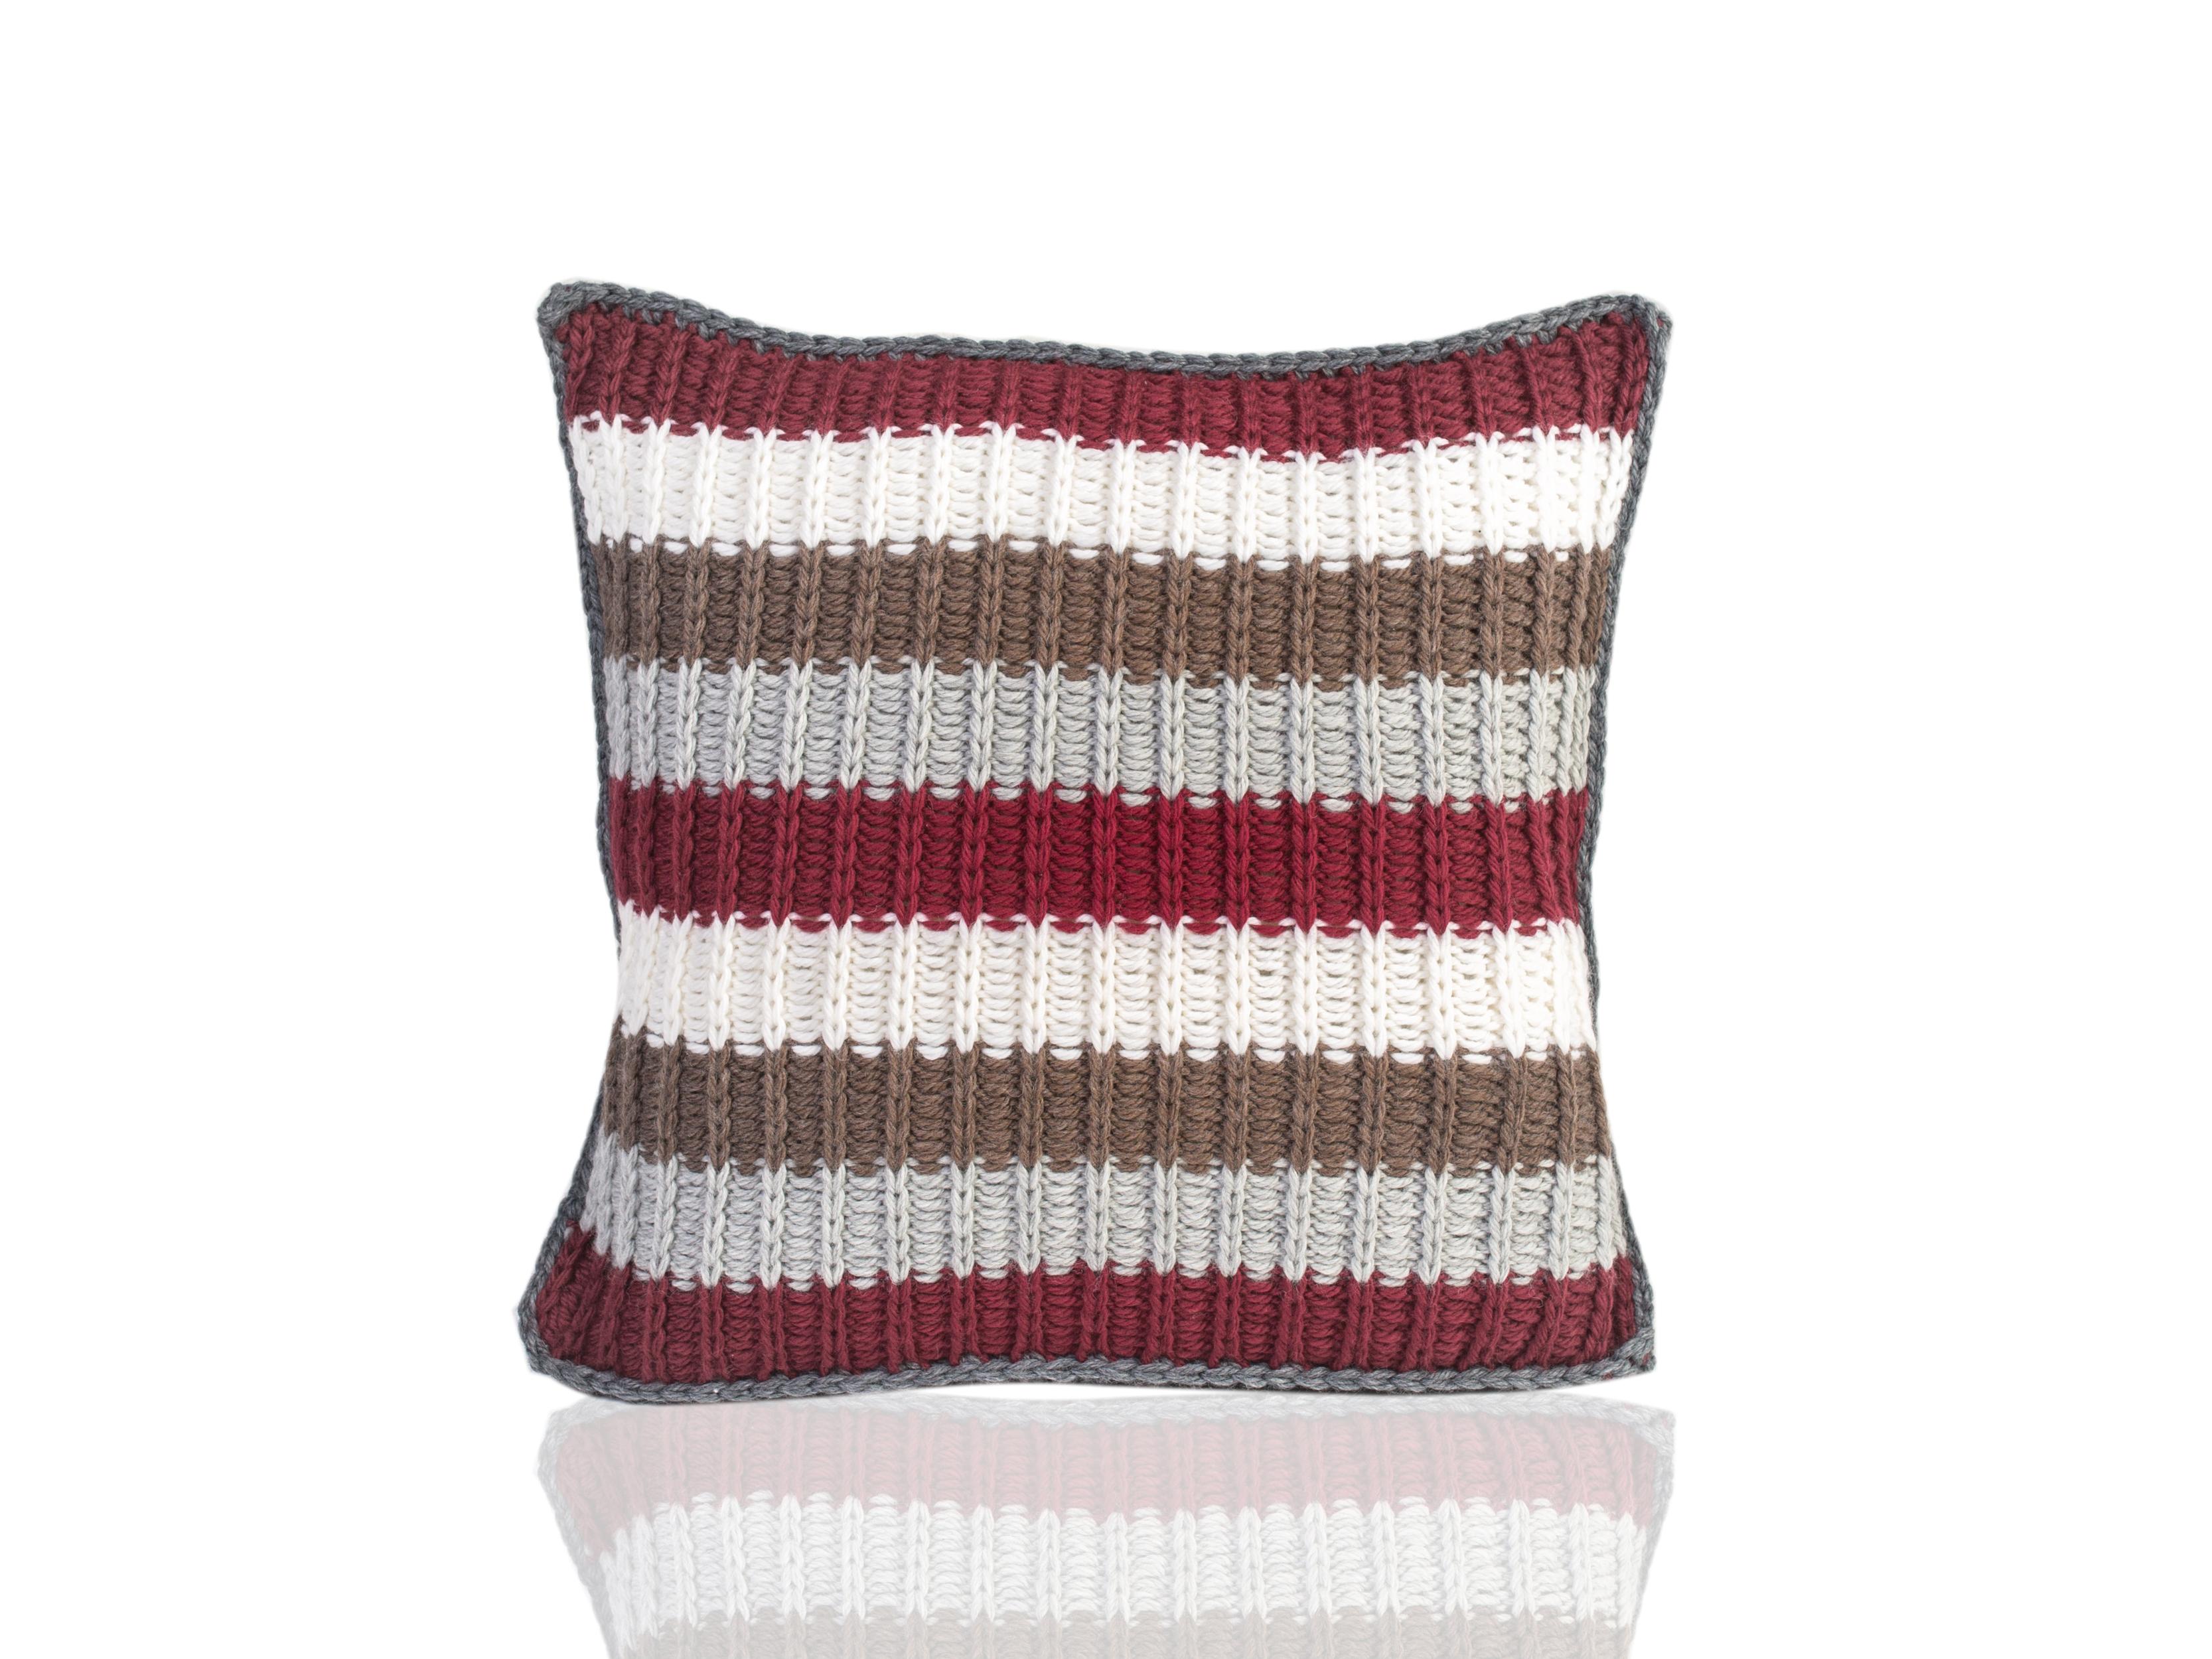 Подушка YeniseiКвадратные подушки и наволочки<br>Енисей - вязаная диванная подушка ручной работы - сделана из высококачественных материалов в Барселоне, Испания. Яркая, мягкая и красивая, эта вещь в традиционном стиле добавит комфорта и уюта любому домашнему декору.&amp;amp;nbsp;&amp;lt;div&amp;gt;&amp;lt;br&amp;gt;&amp;lt;div&amp;gt;Состав наволочки: 55% шерсть мериноса / 45% акрил&amp;amp;nbsp;&amp;lt;/div&amp;gt;&amp;lt;div&amp;gt;Наполнитель (вынимающаяся подушка): 100% полиэстер&amp;amp;nbsp;&amp;lt;/div&amp;gt;&amp;lt;/div&amp;gt;<br><br>Material: Шерсть<br>Ширина см: 40.0<br>Высота см: 40.0<br>Глубина см: 10.0